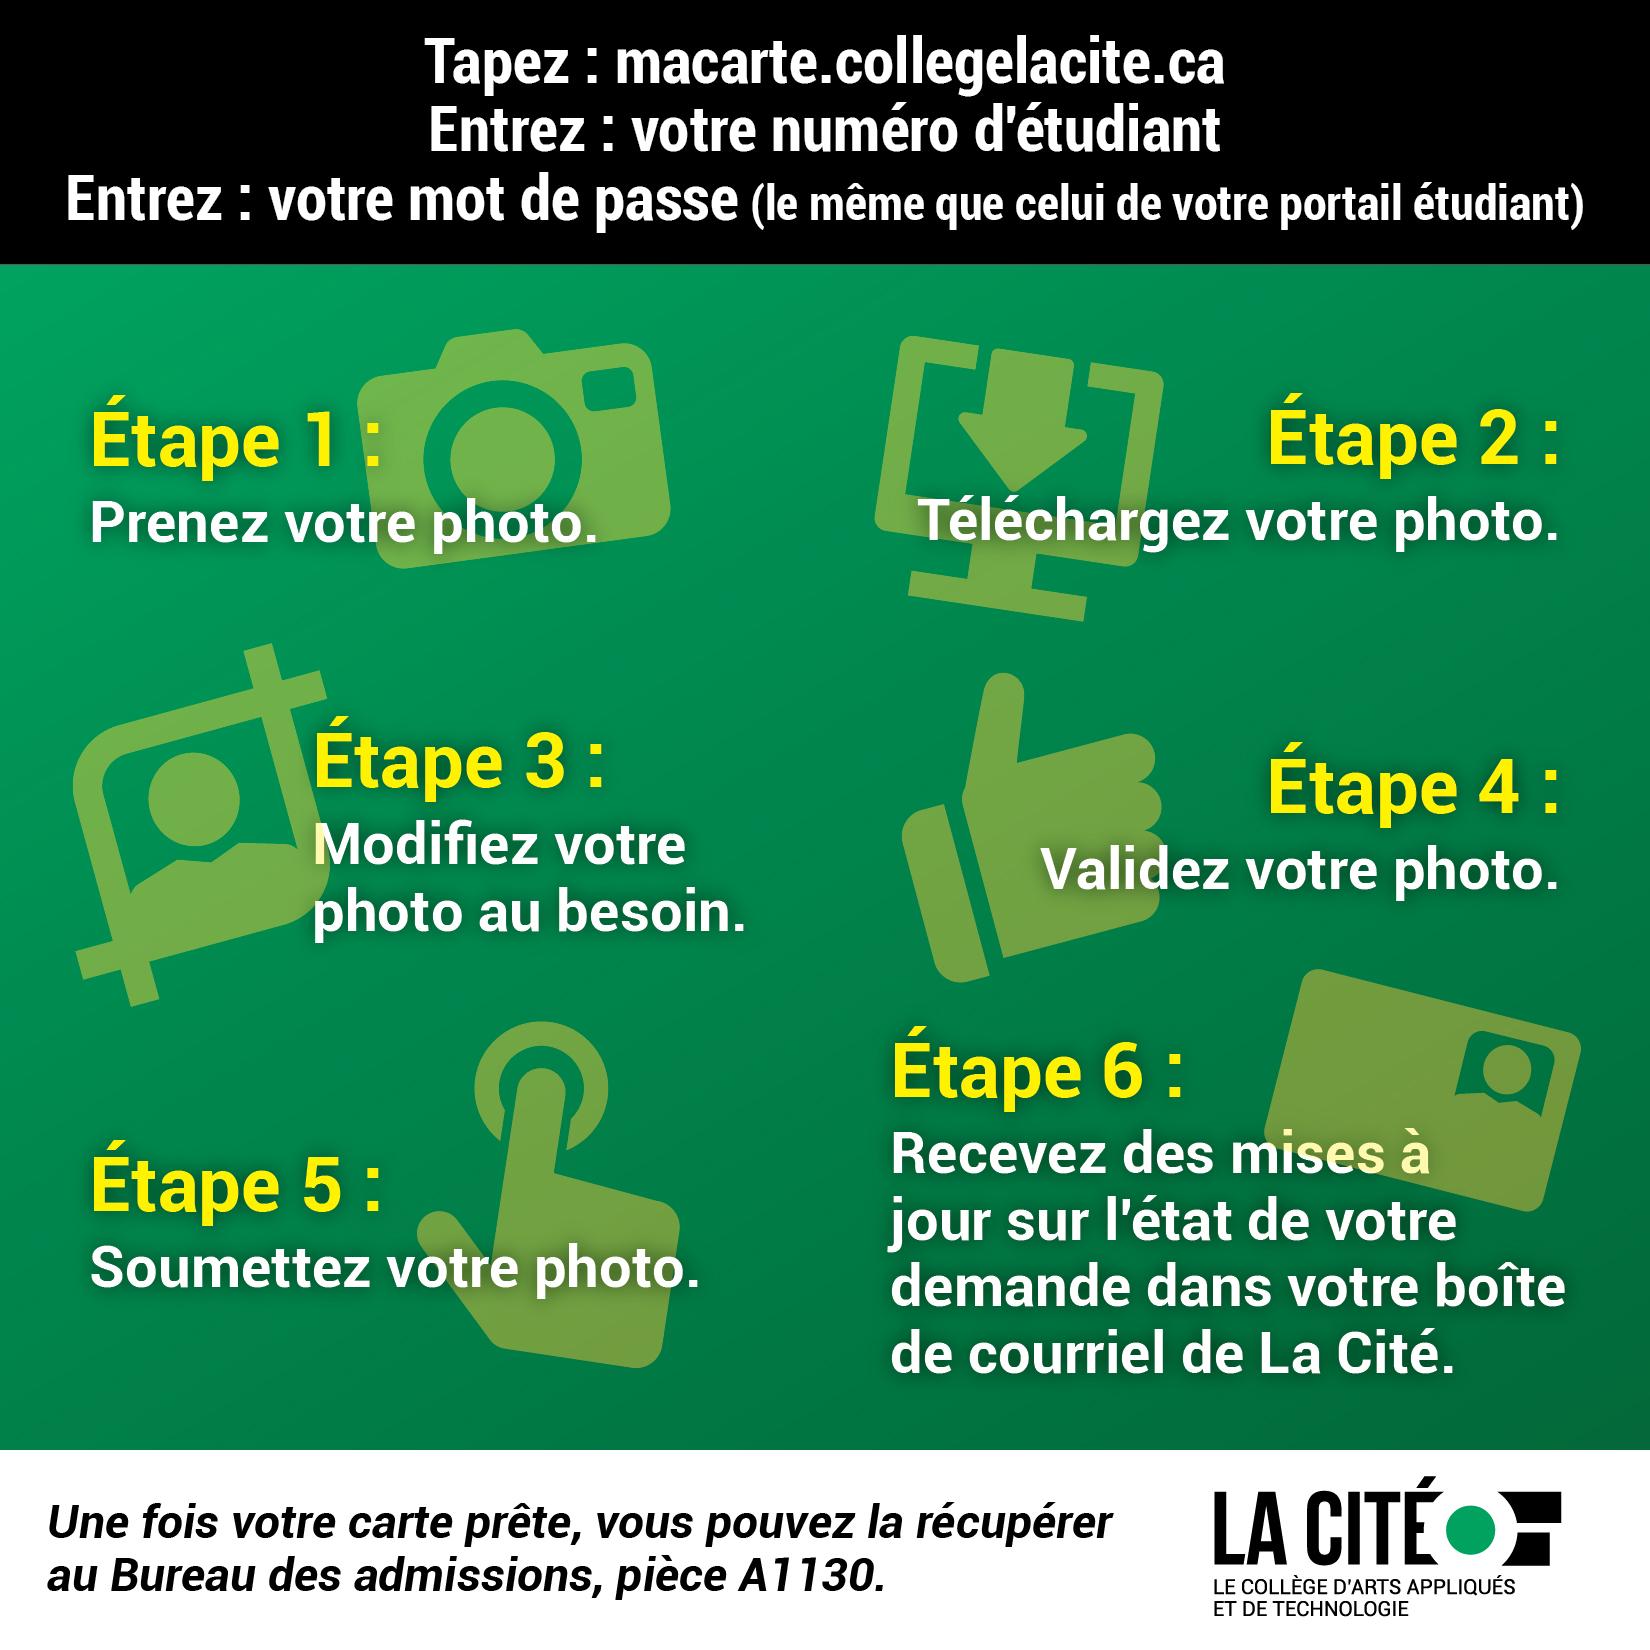 taper : macerte.collegelacite.ca, entrez votre numéro étudiant et mot de passe, prenez votre photo, téléchargez, modifiez au besoin, validez, soumetter.